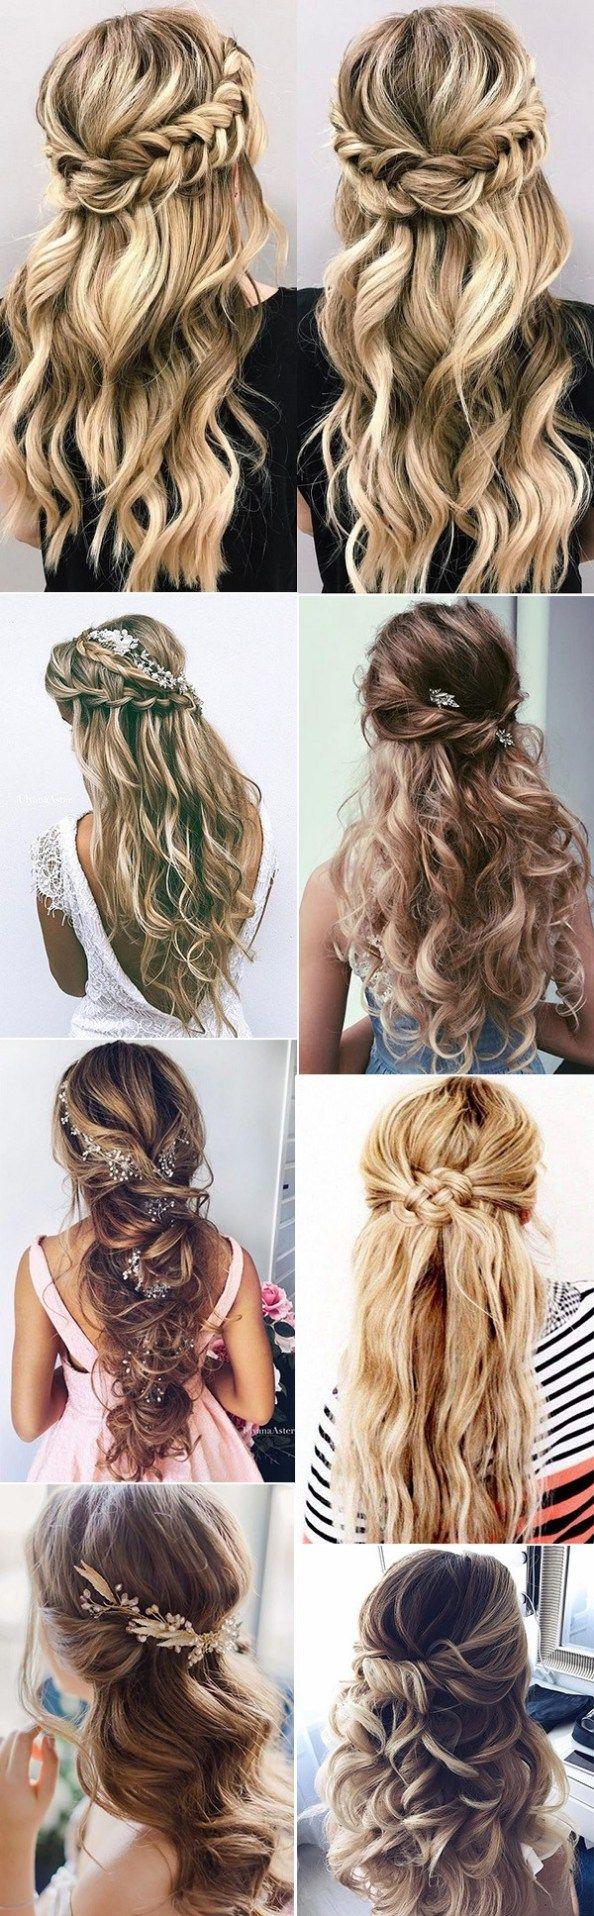 13 chic halb hoch halb runter Hochzeit Frisuren für langes Haar